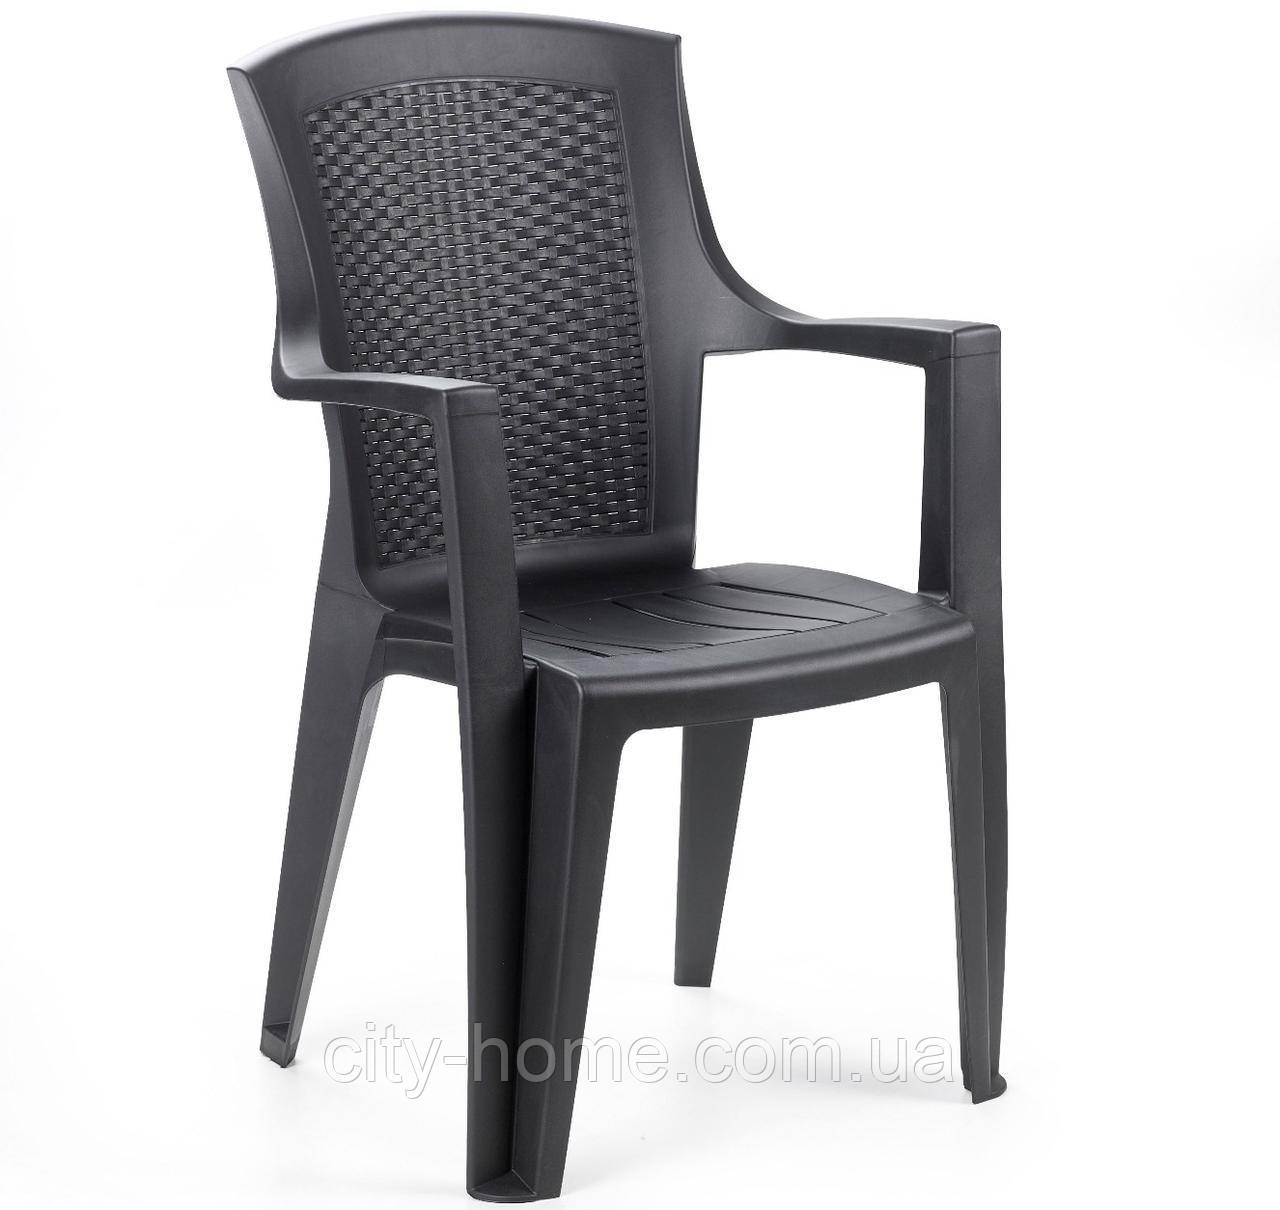 Кресло пластиковое Eden антрацит